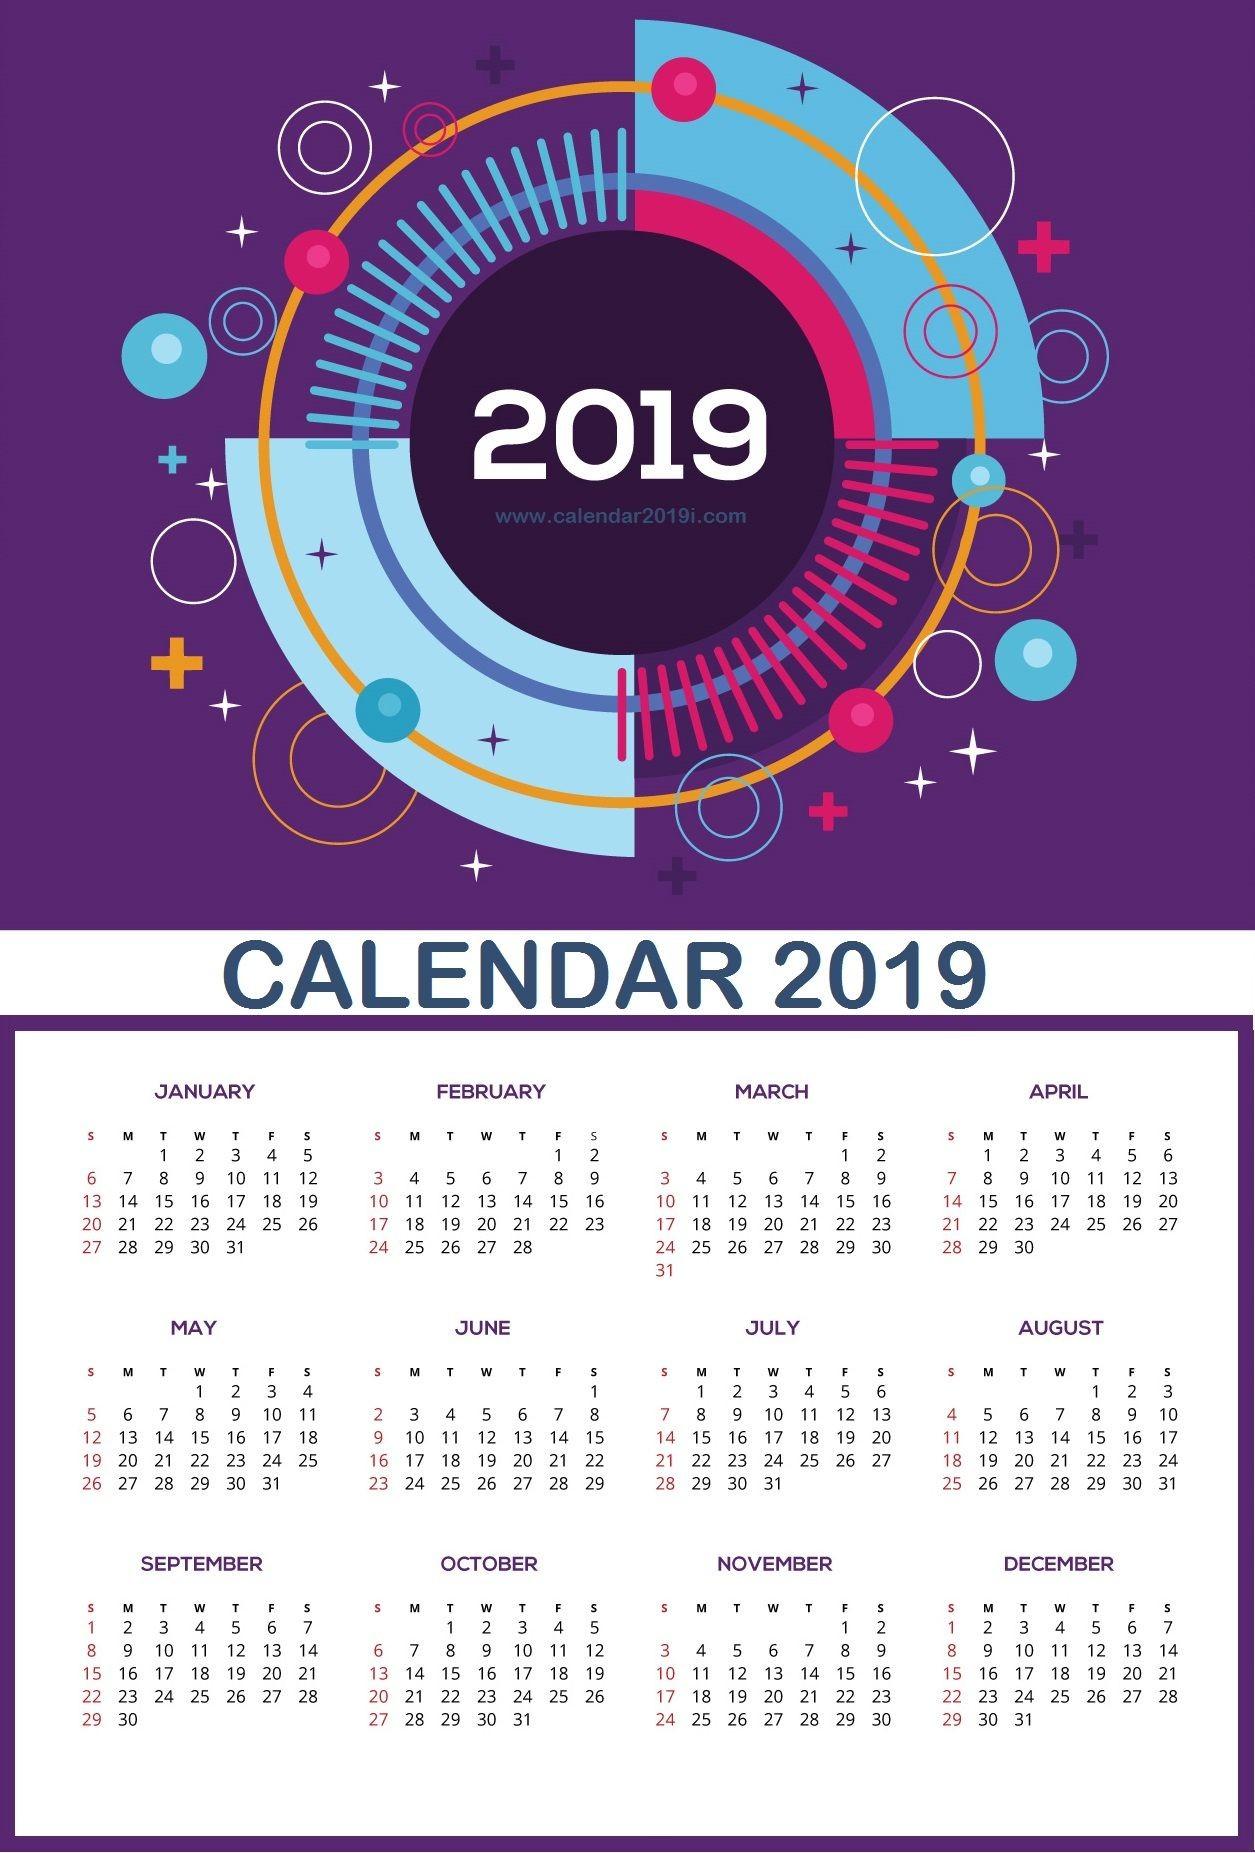 Calendario 2019 Para Imprimir Gratis Excel Downloaden Mejores Y Más Novedosos Wall Calendar 2019 Planner